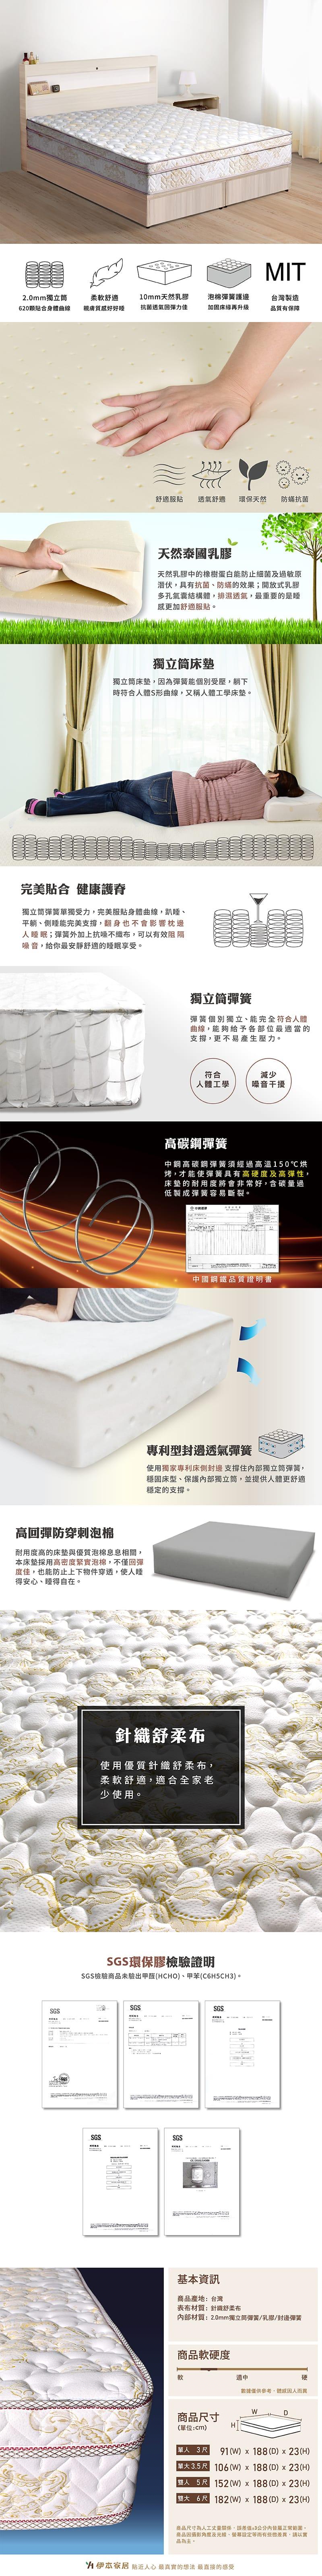 乳膠軟式獨立筒床墊 雙人加大6尺(鈦金系列)